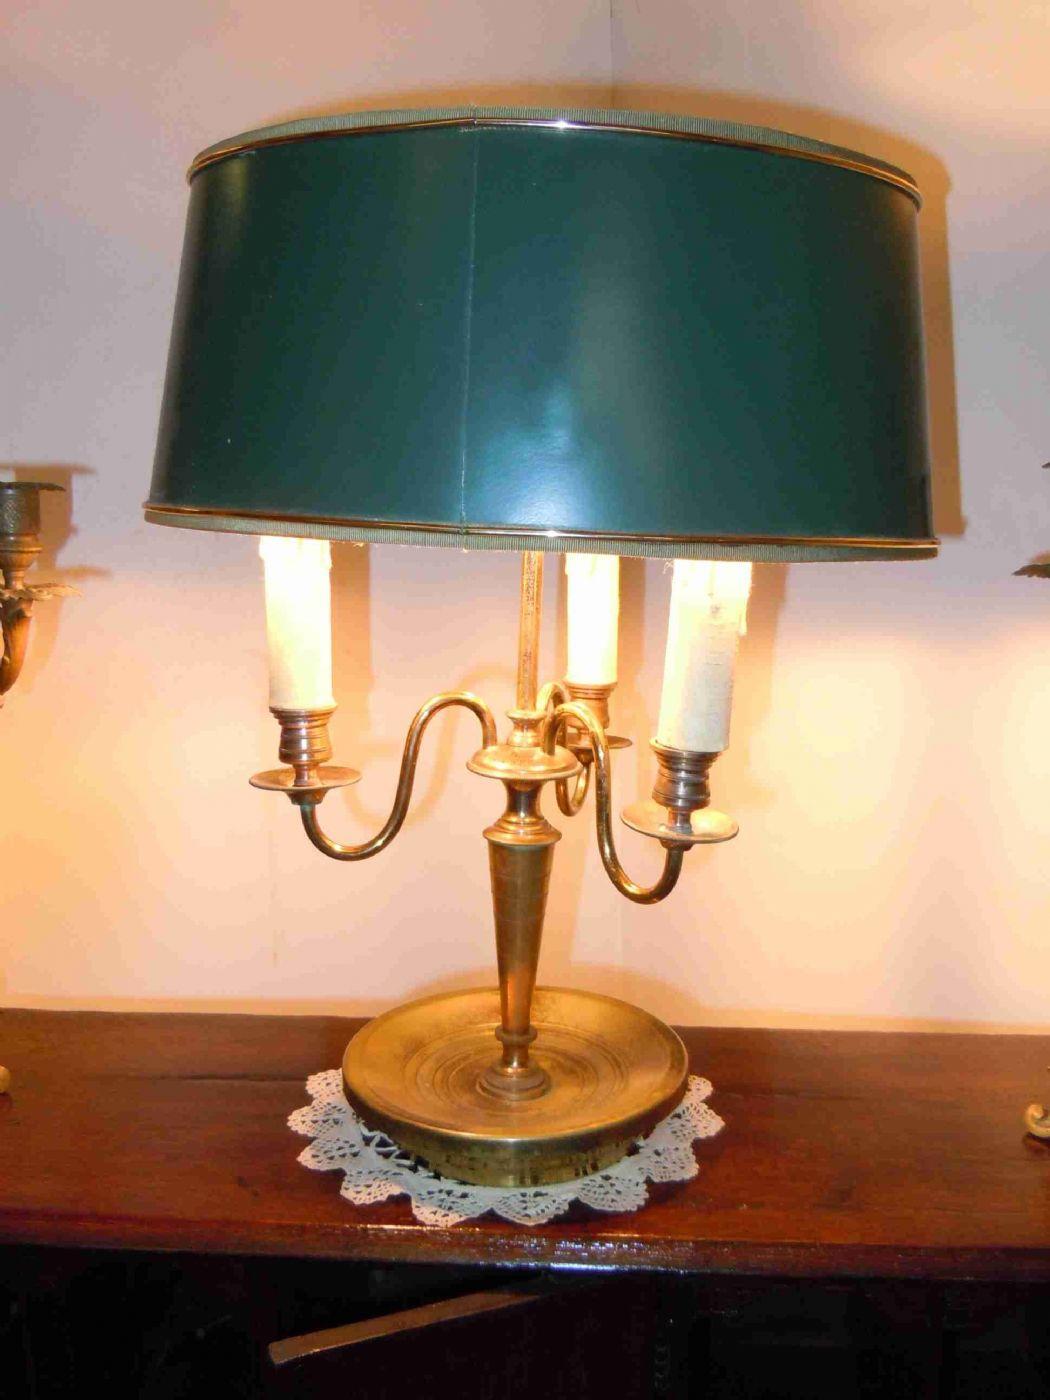 """Lampada da tavolo chiamato """"lampada borsa dell'acqua calda"""" periodo Direttorio Antiquariato su ..."""